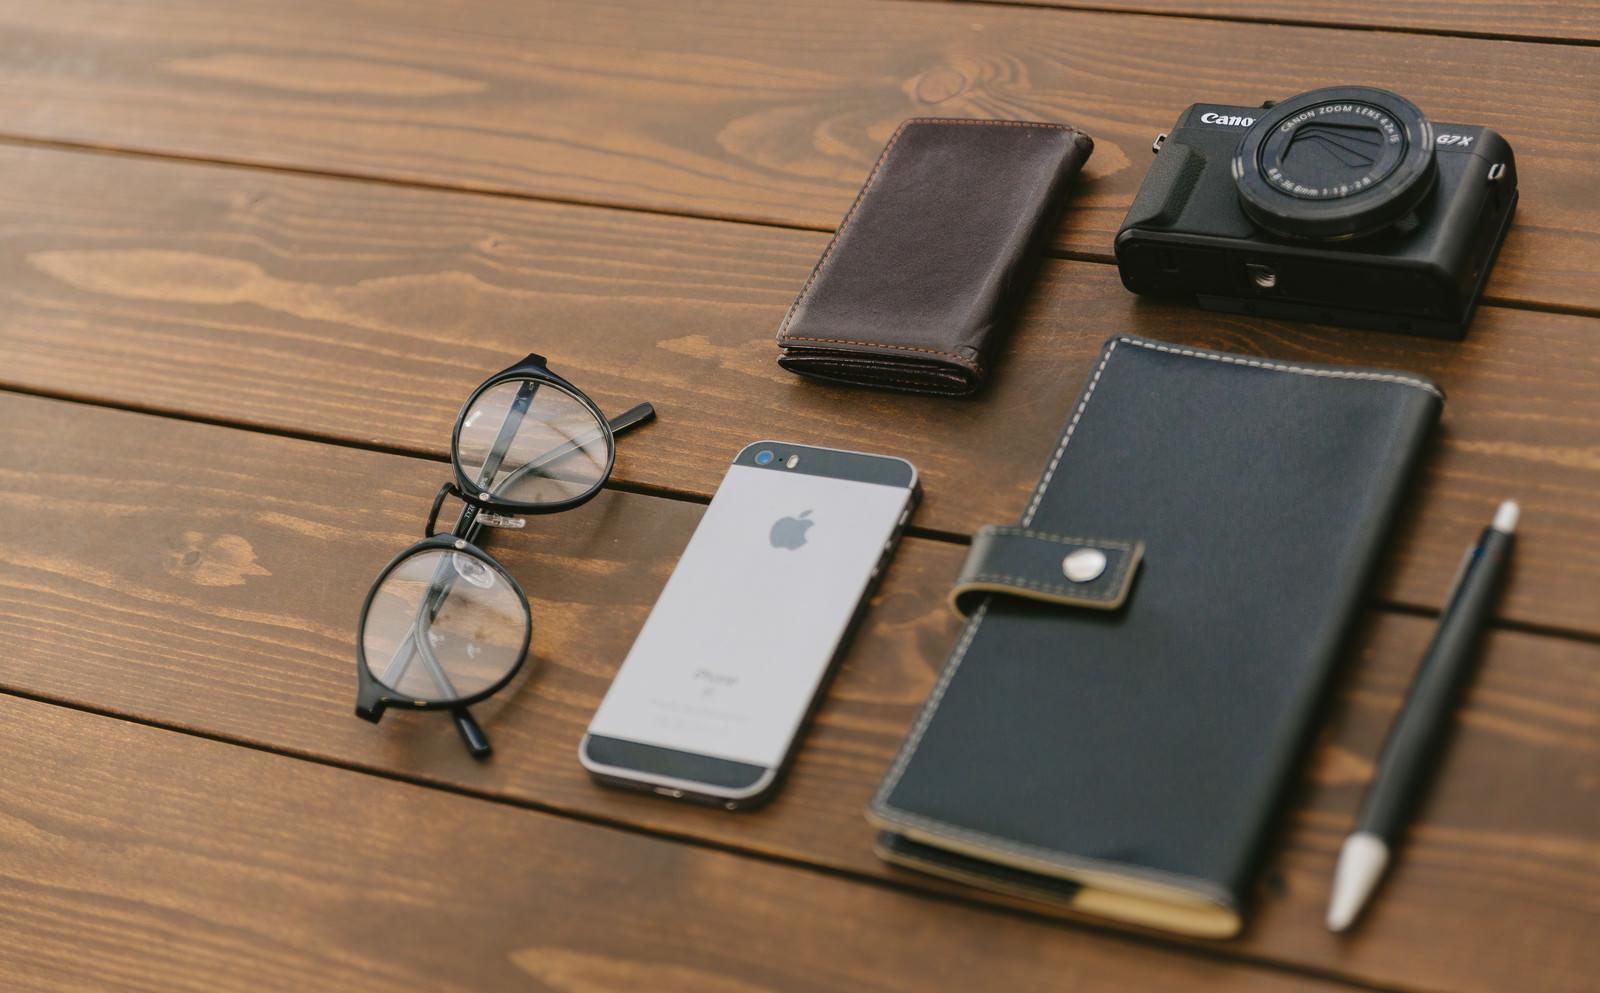 「木目のテーブルに置かれた手帳やカメラ木目のテーブルに置かれた手帳やカメラ」のフリー写真素材を拡大